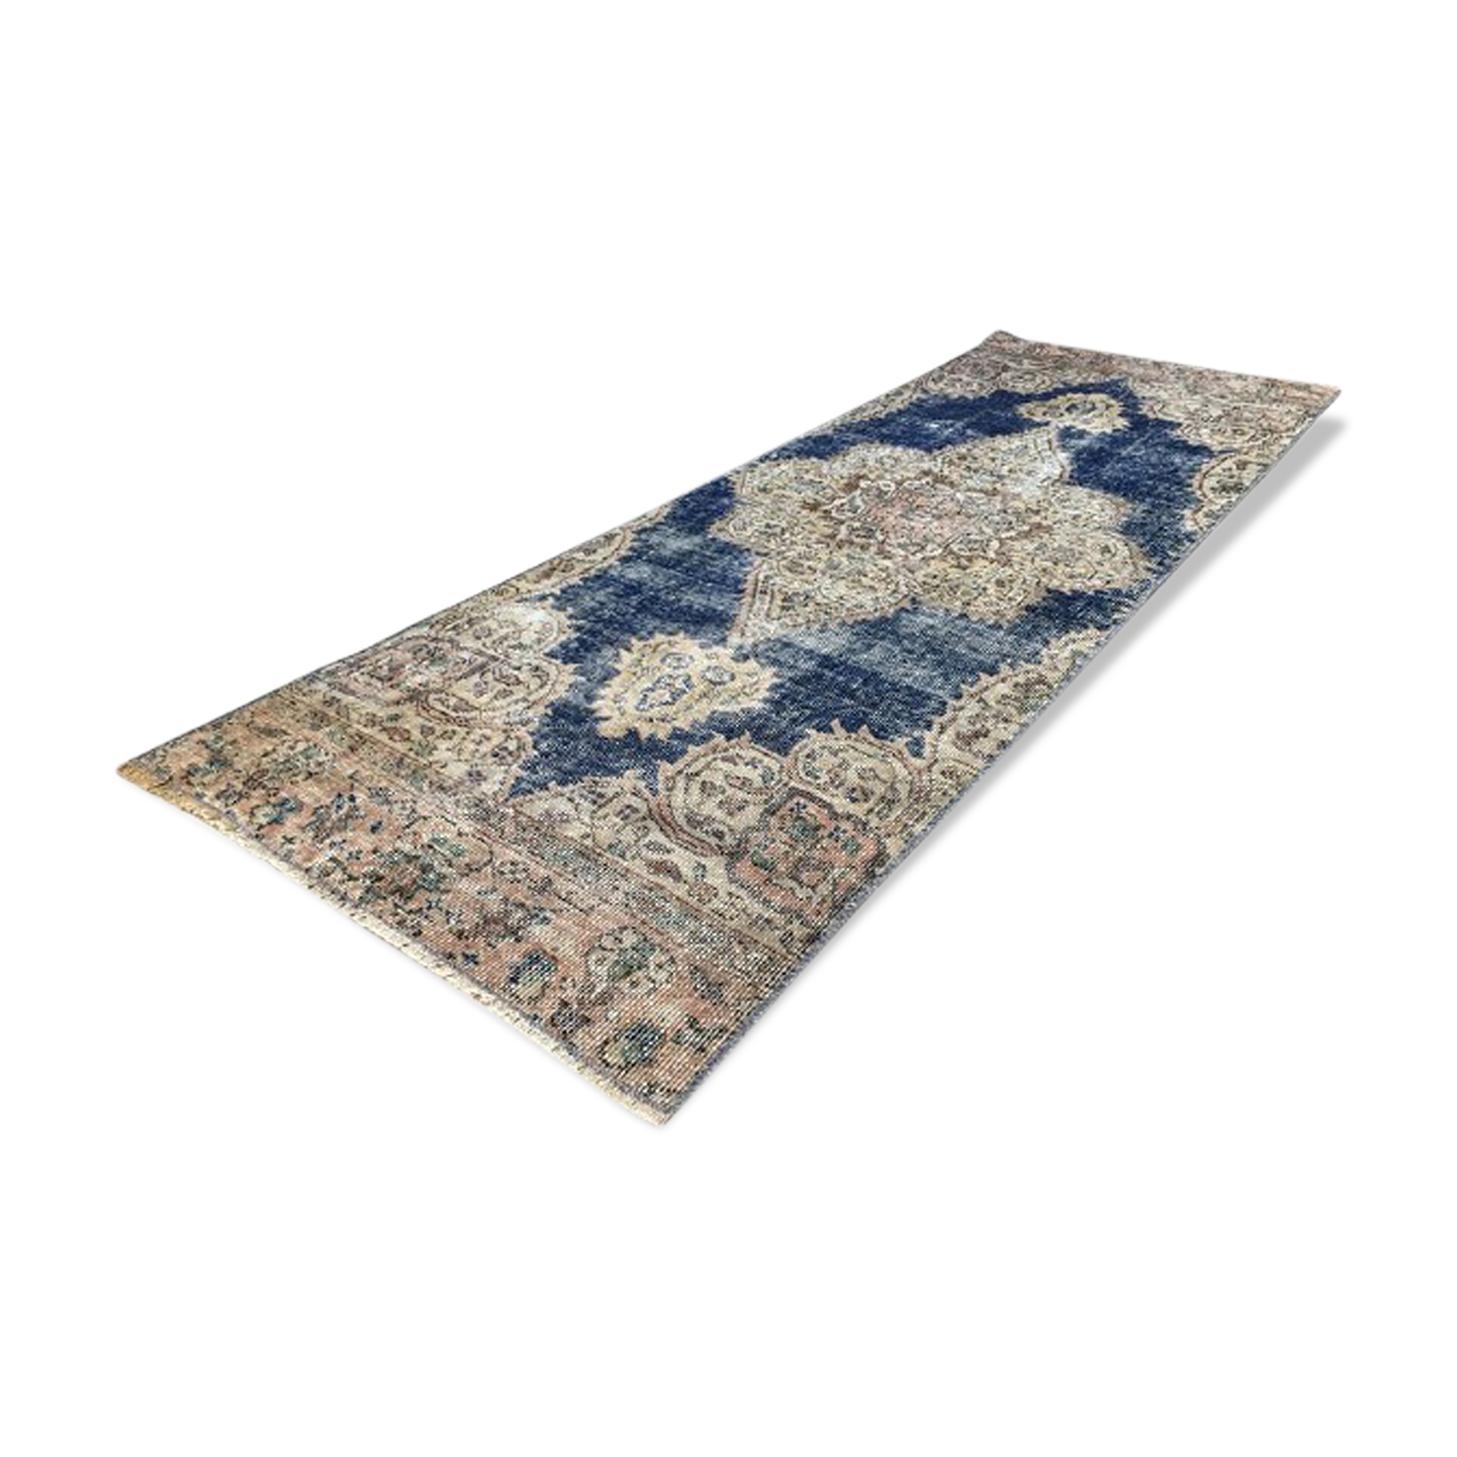 Tapis turc bleu marine 68 x 186 cm